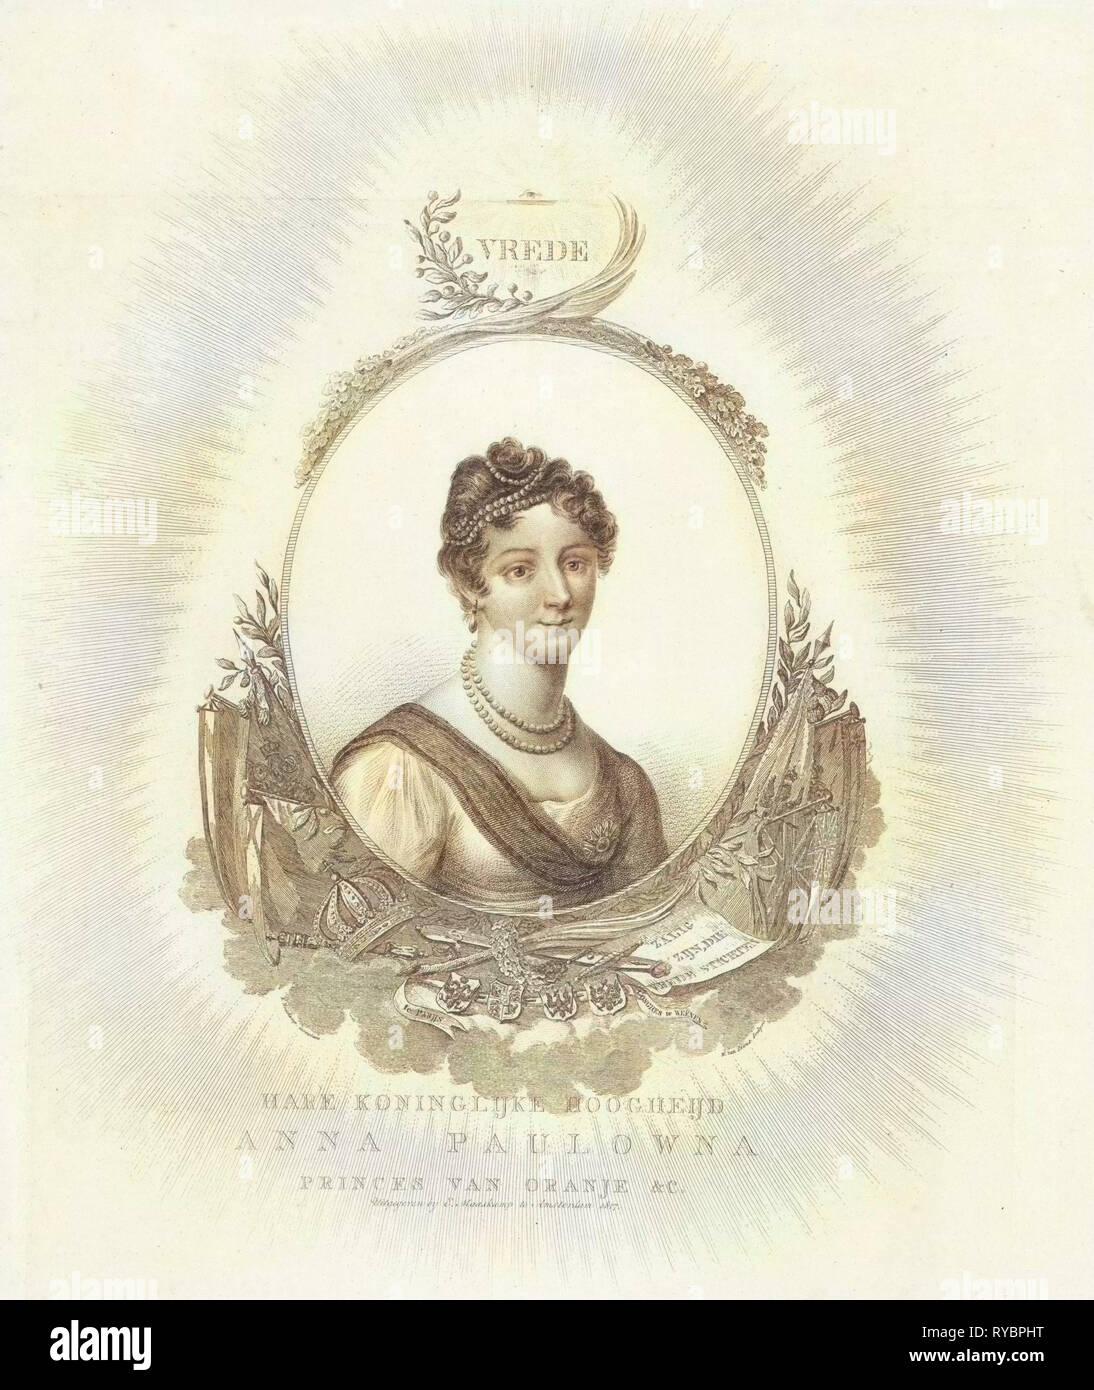 Porträt von Anna Pavlovna Romanowa, Willem van Senus, Evert Maaskamp, 1817 Stockbild